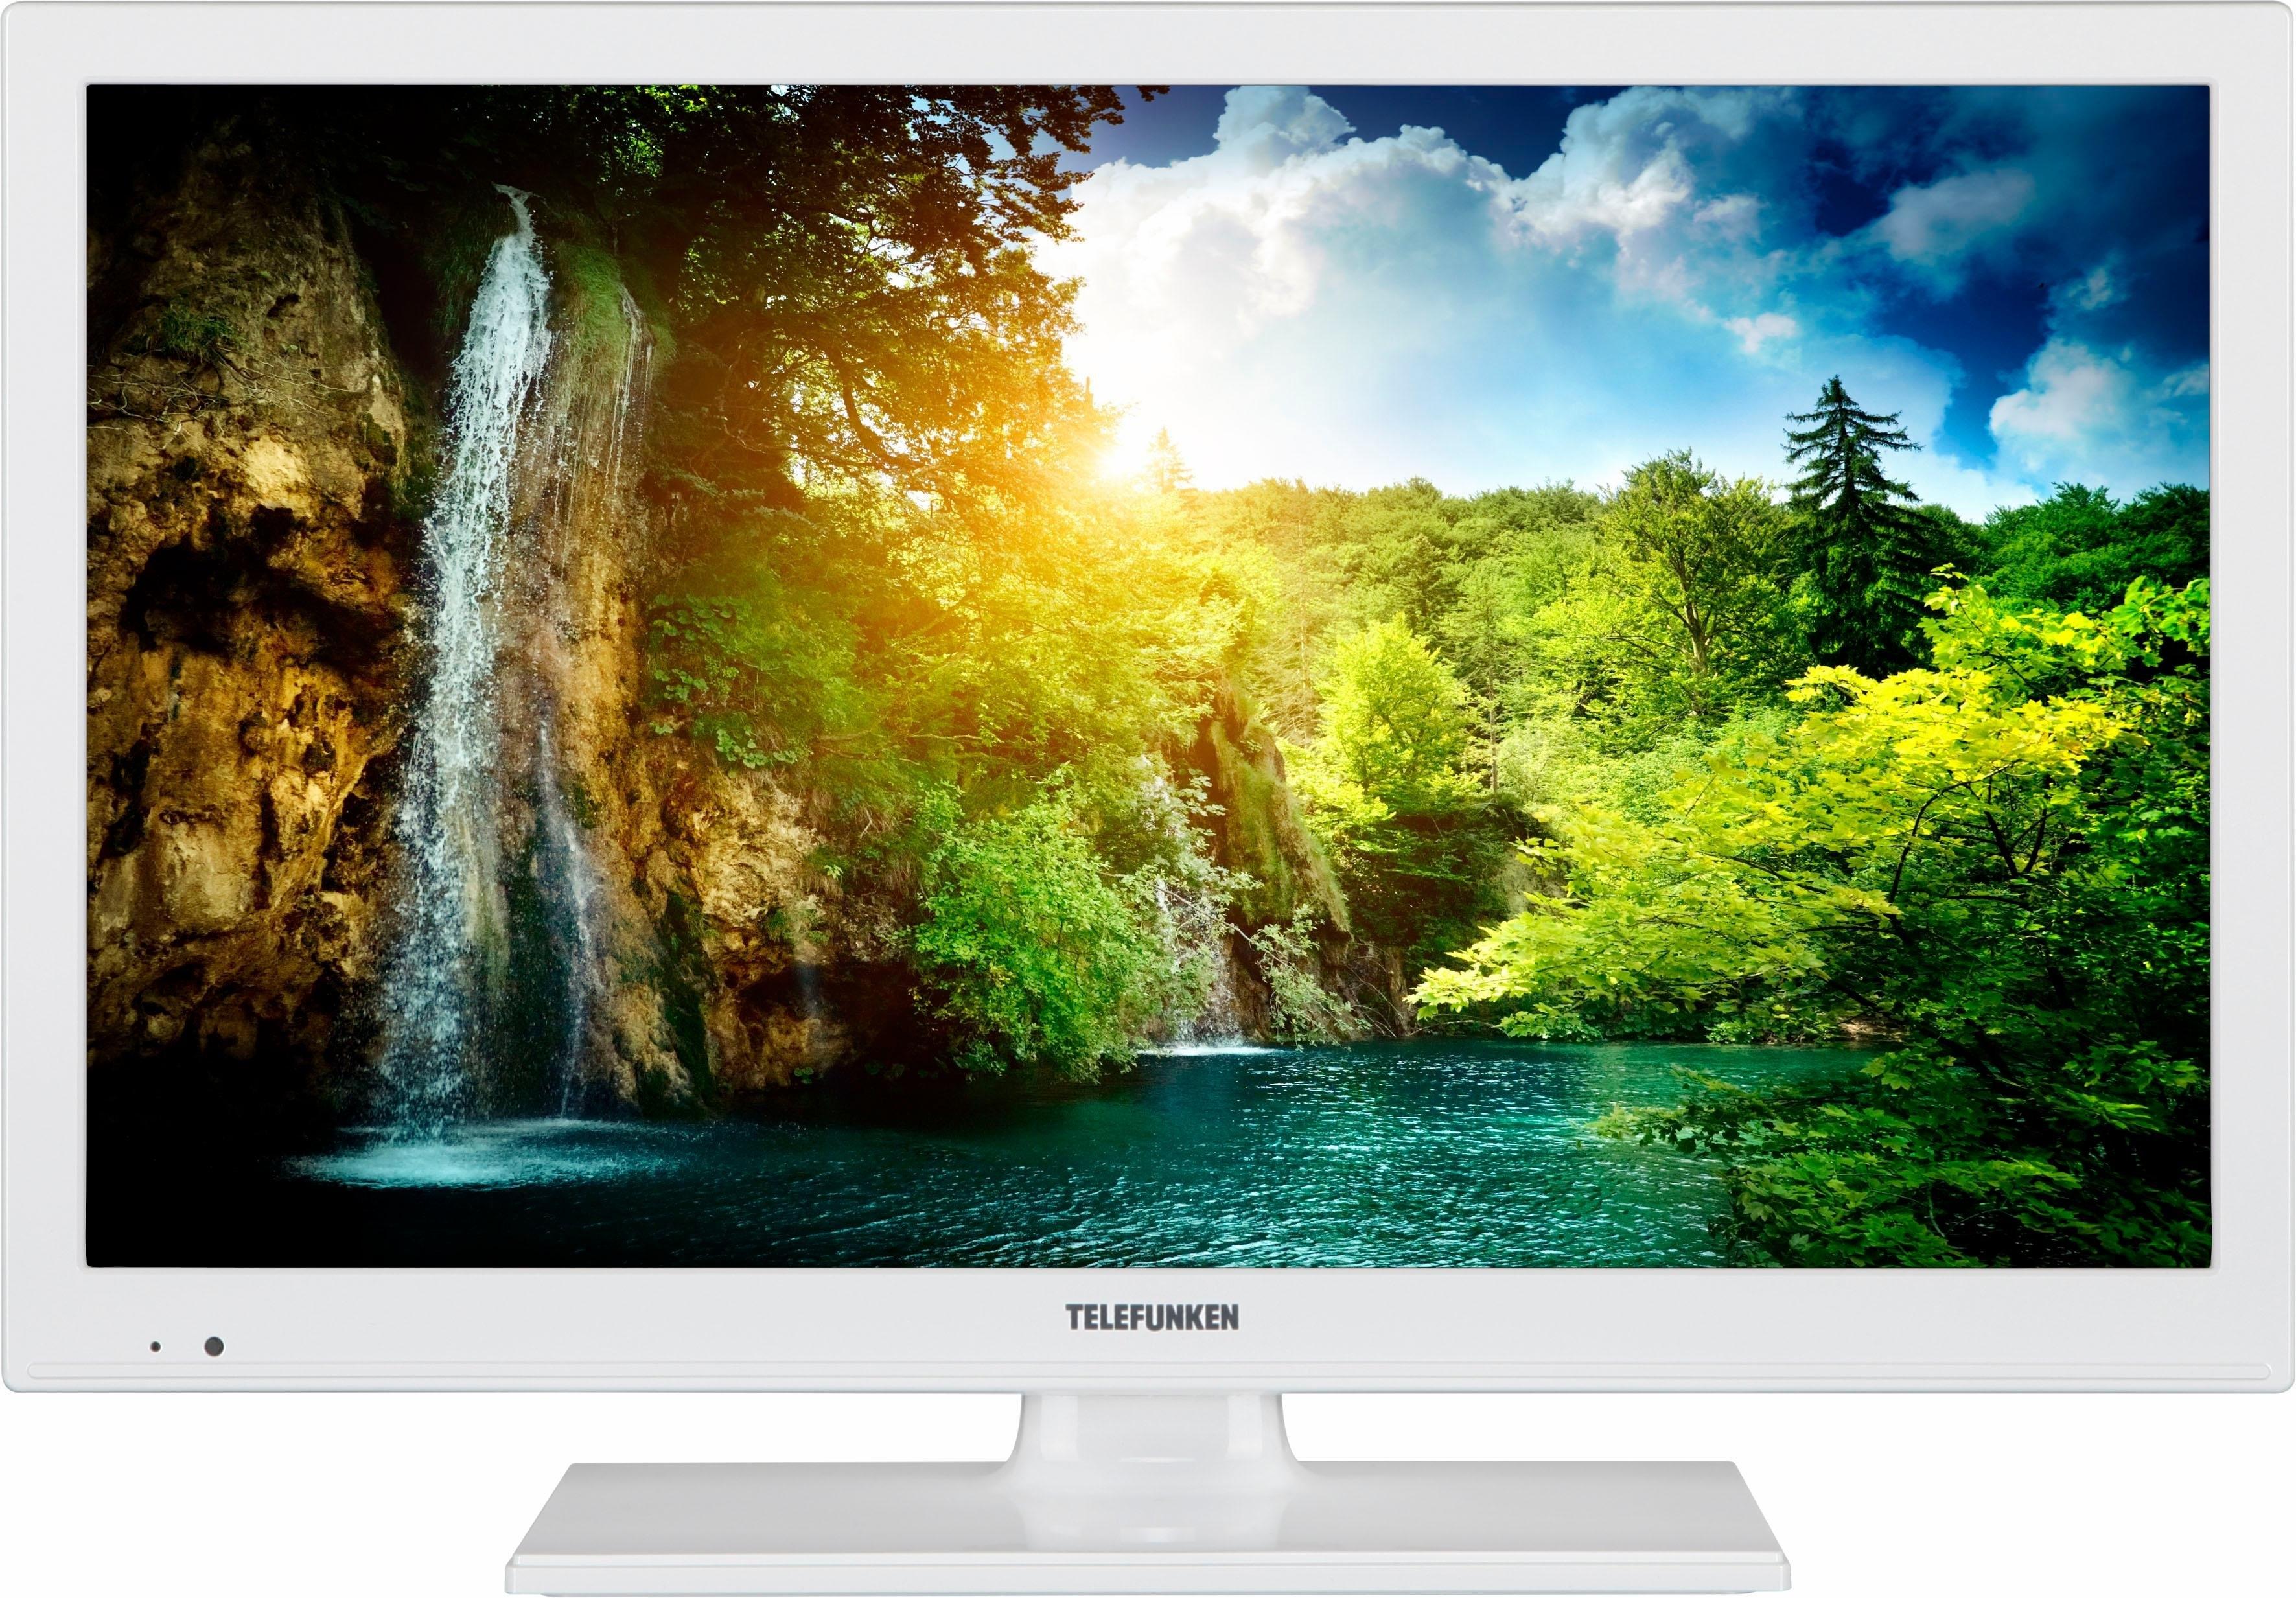 Telefunken L22F472M4 led-tv (56 cm / 22 inch), Full HD nu online bestellen